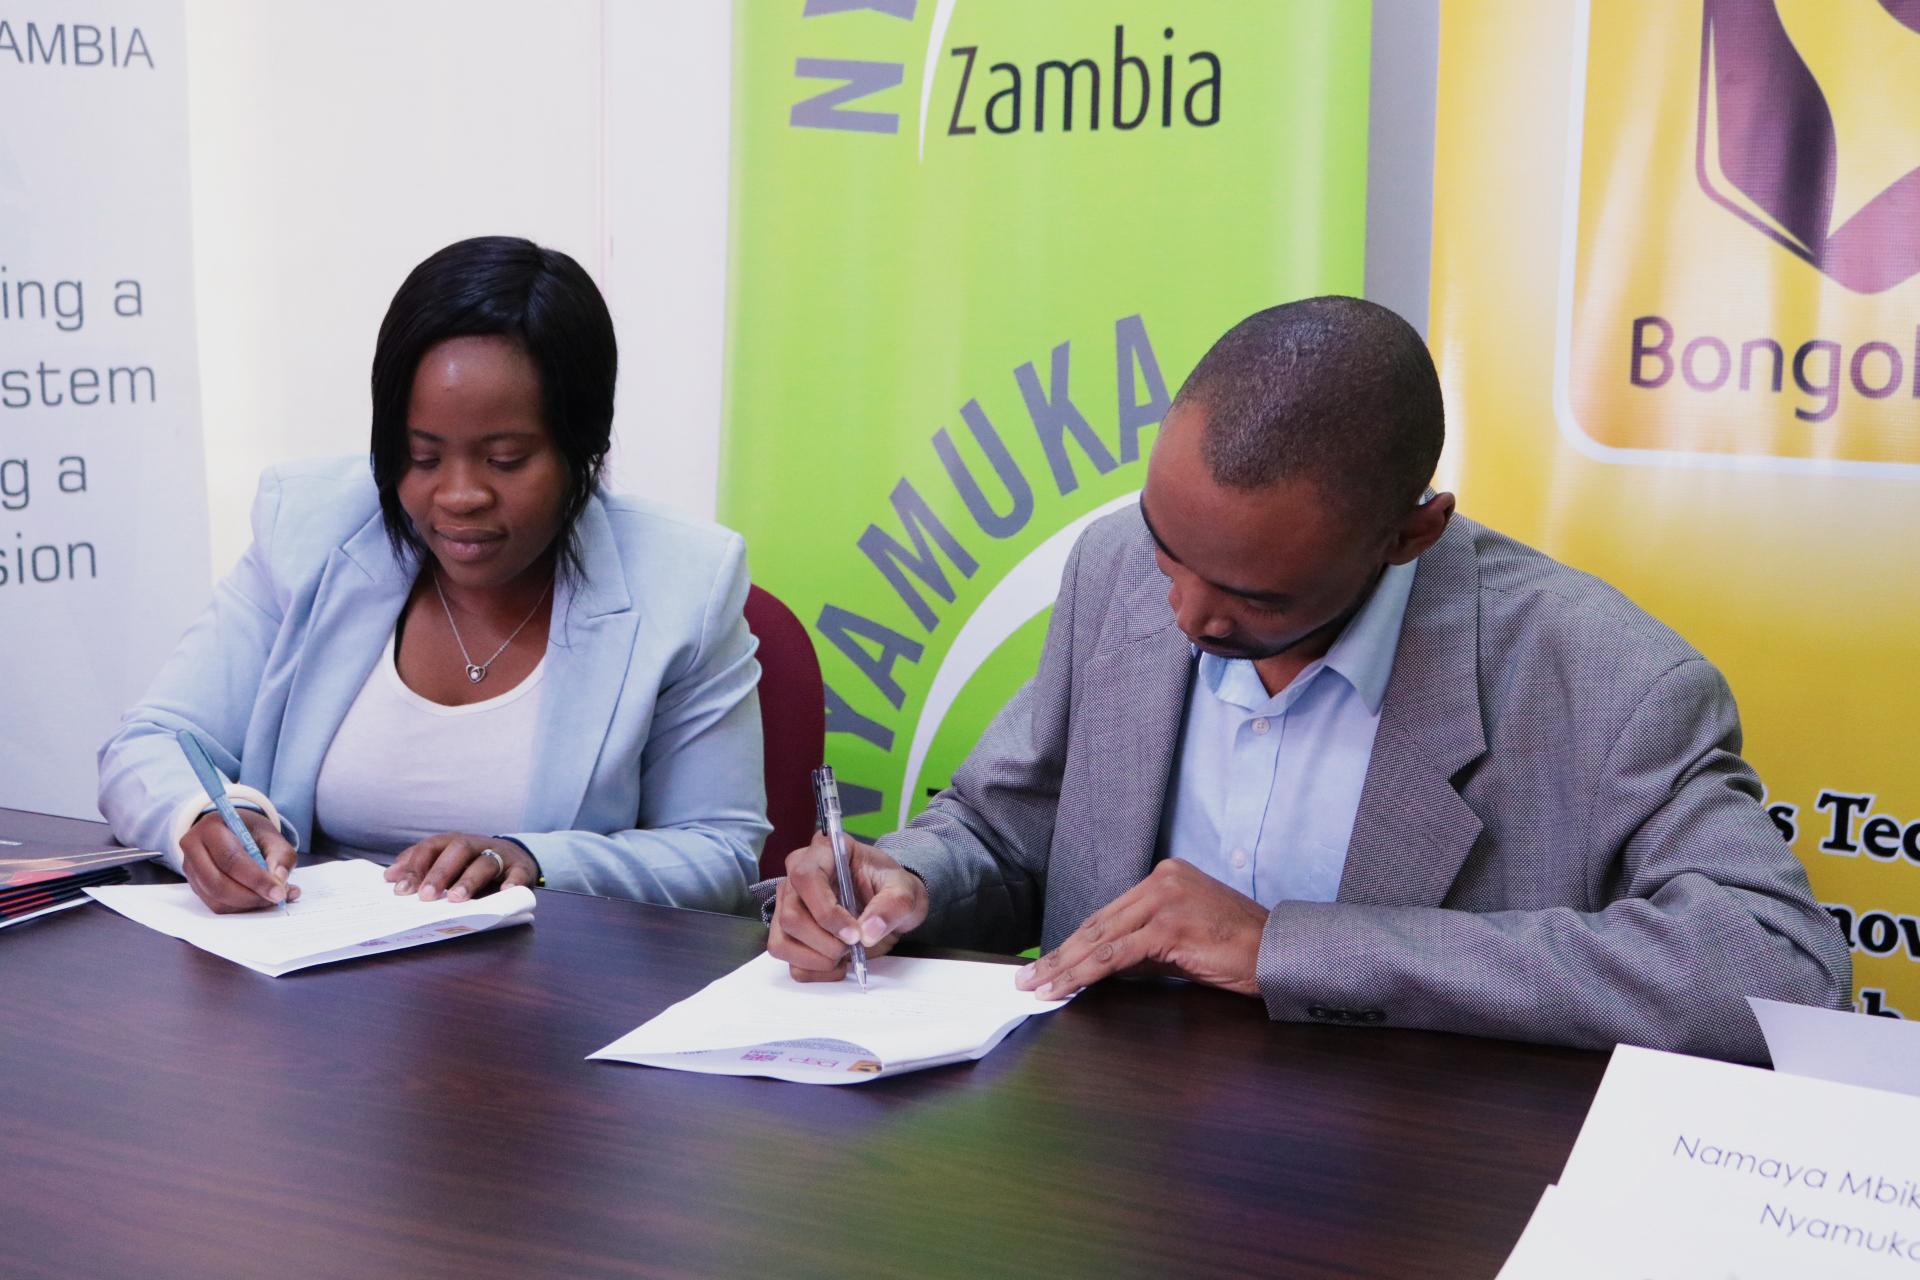 nyamuka zambia business plan